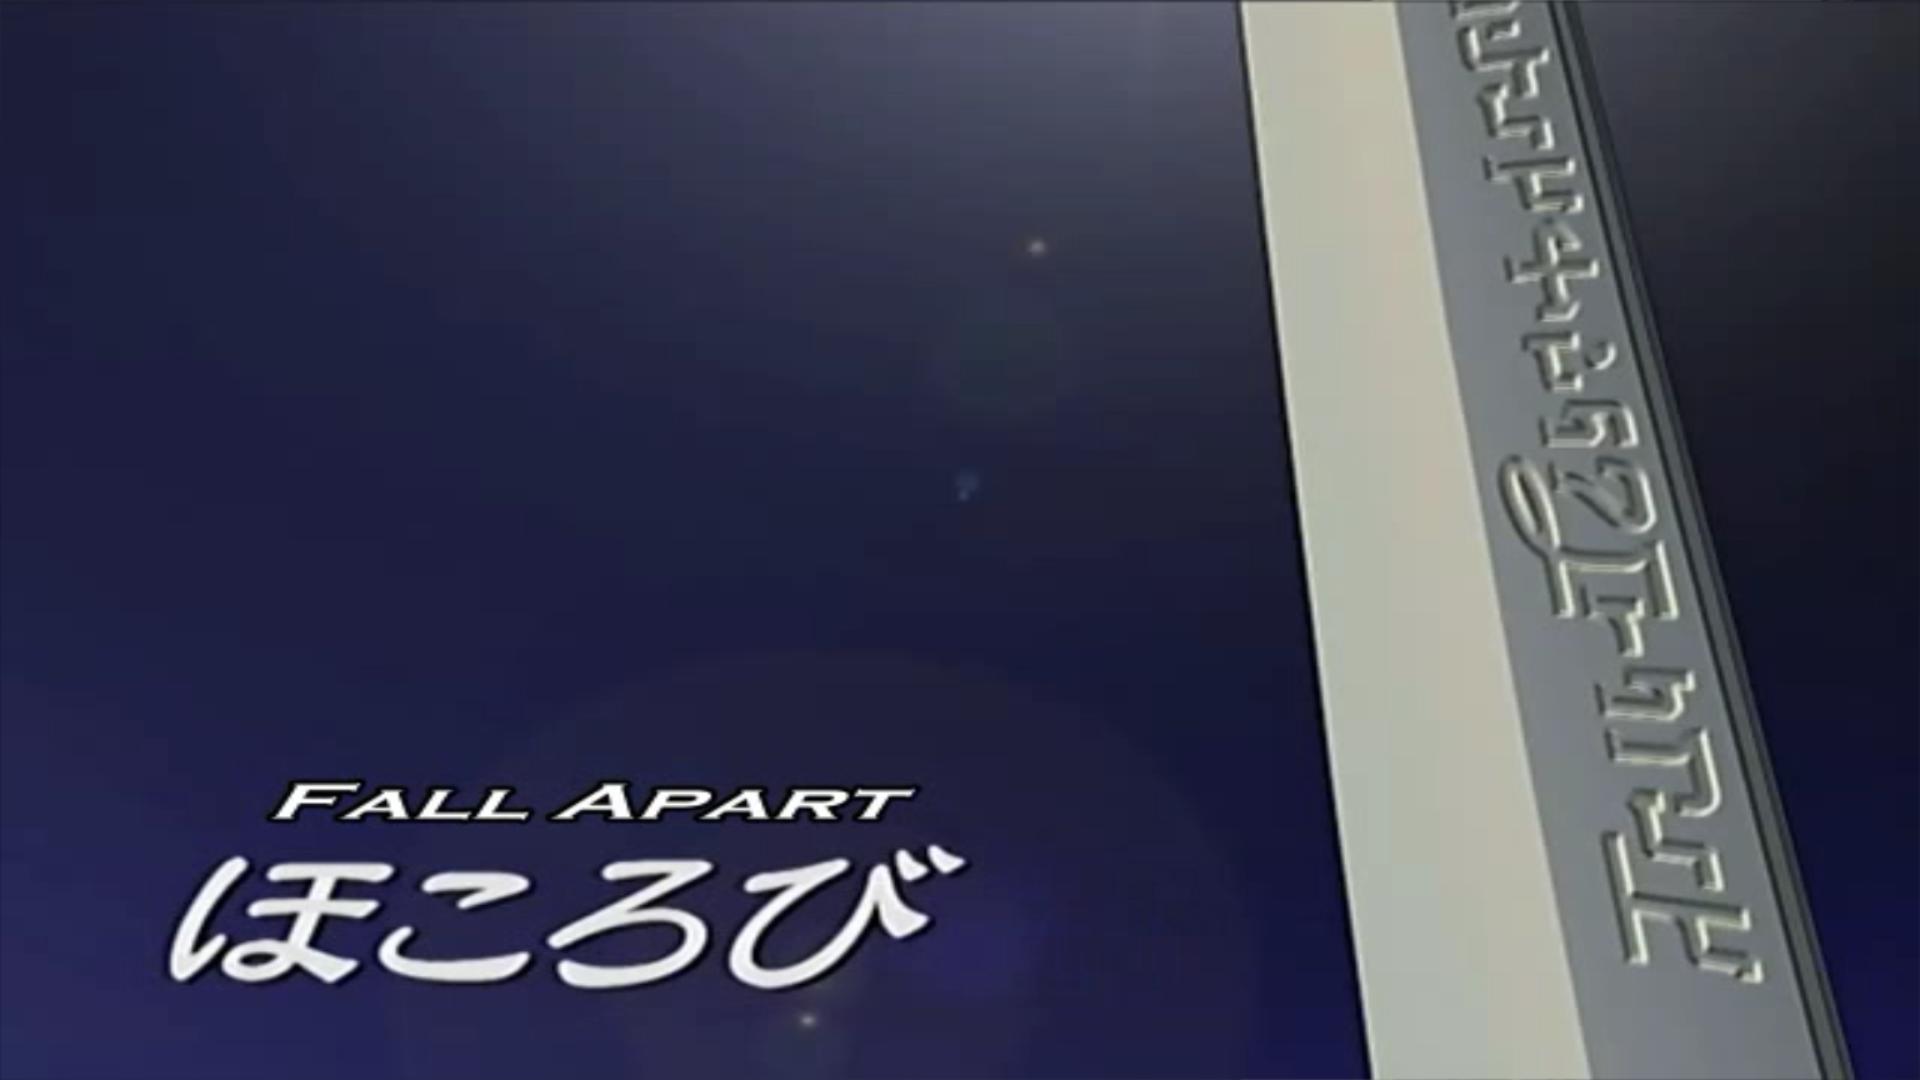 Zoids: Genesis Episode 36